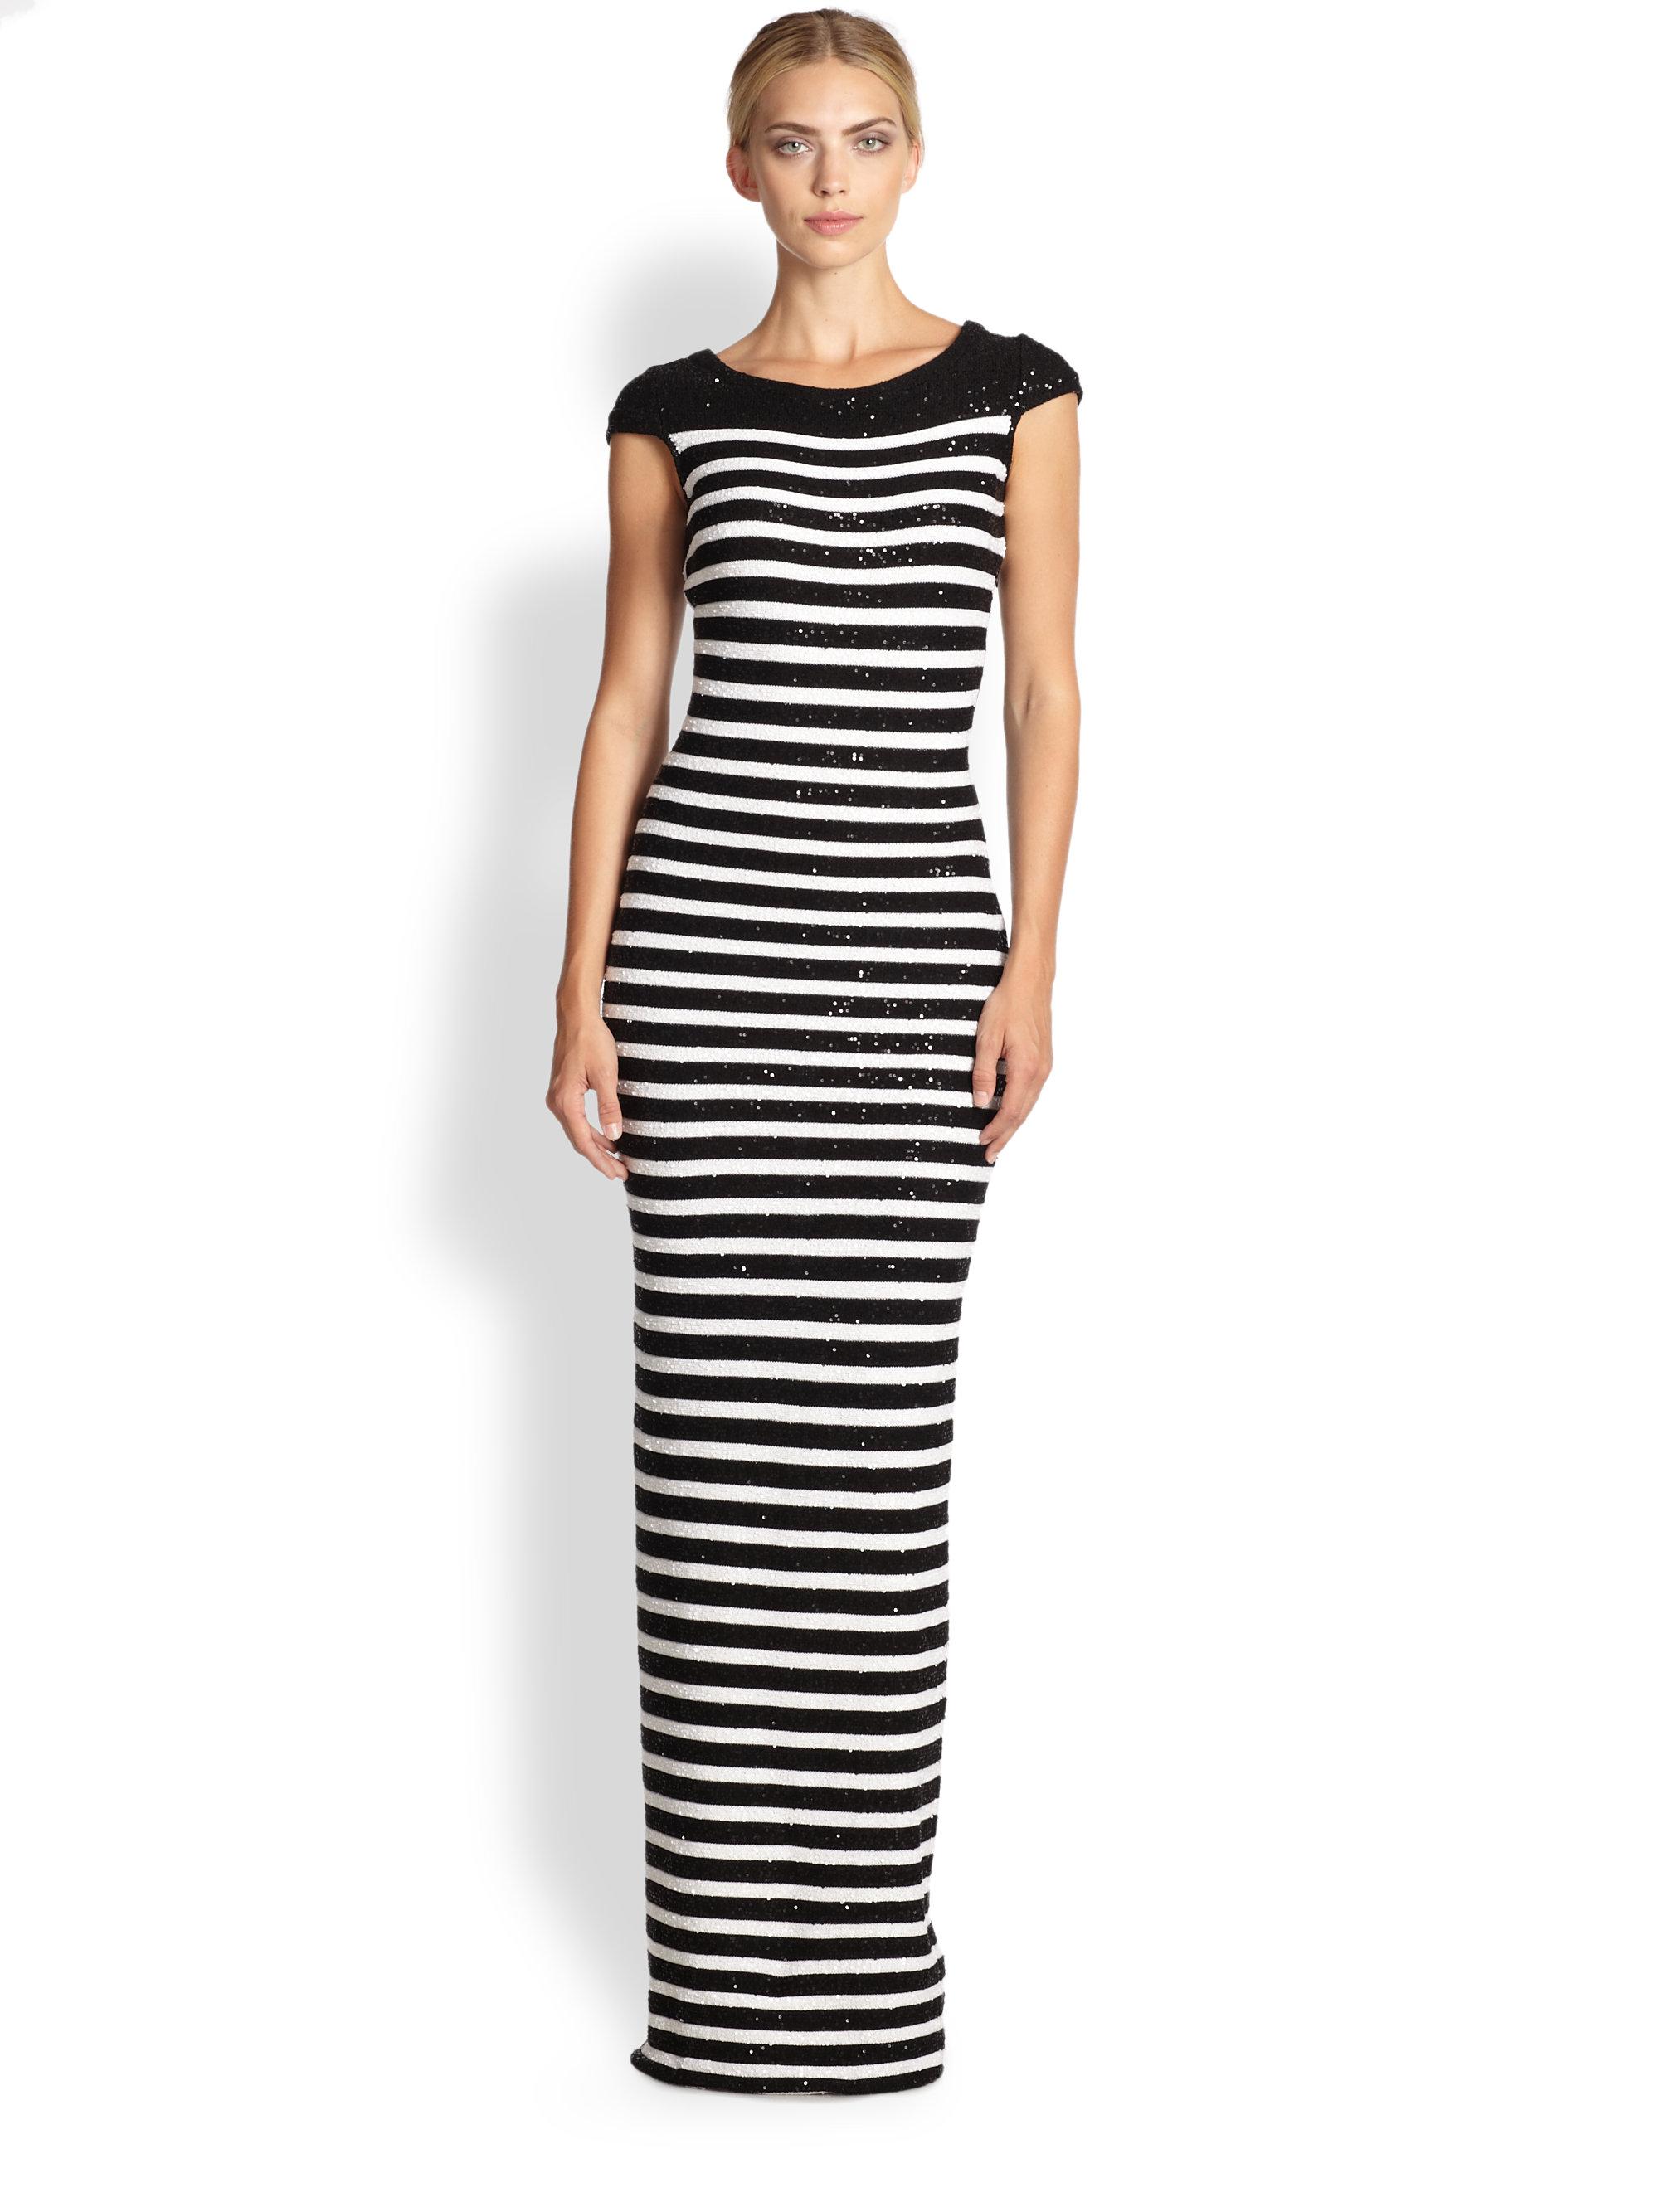 Lyst - Oscar De La Renta Sequin Stripe Knit Gown in Black